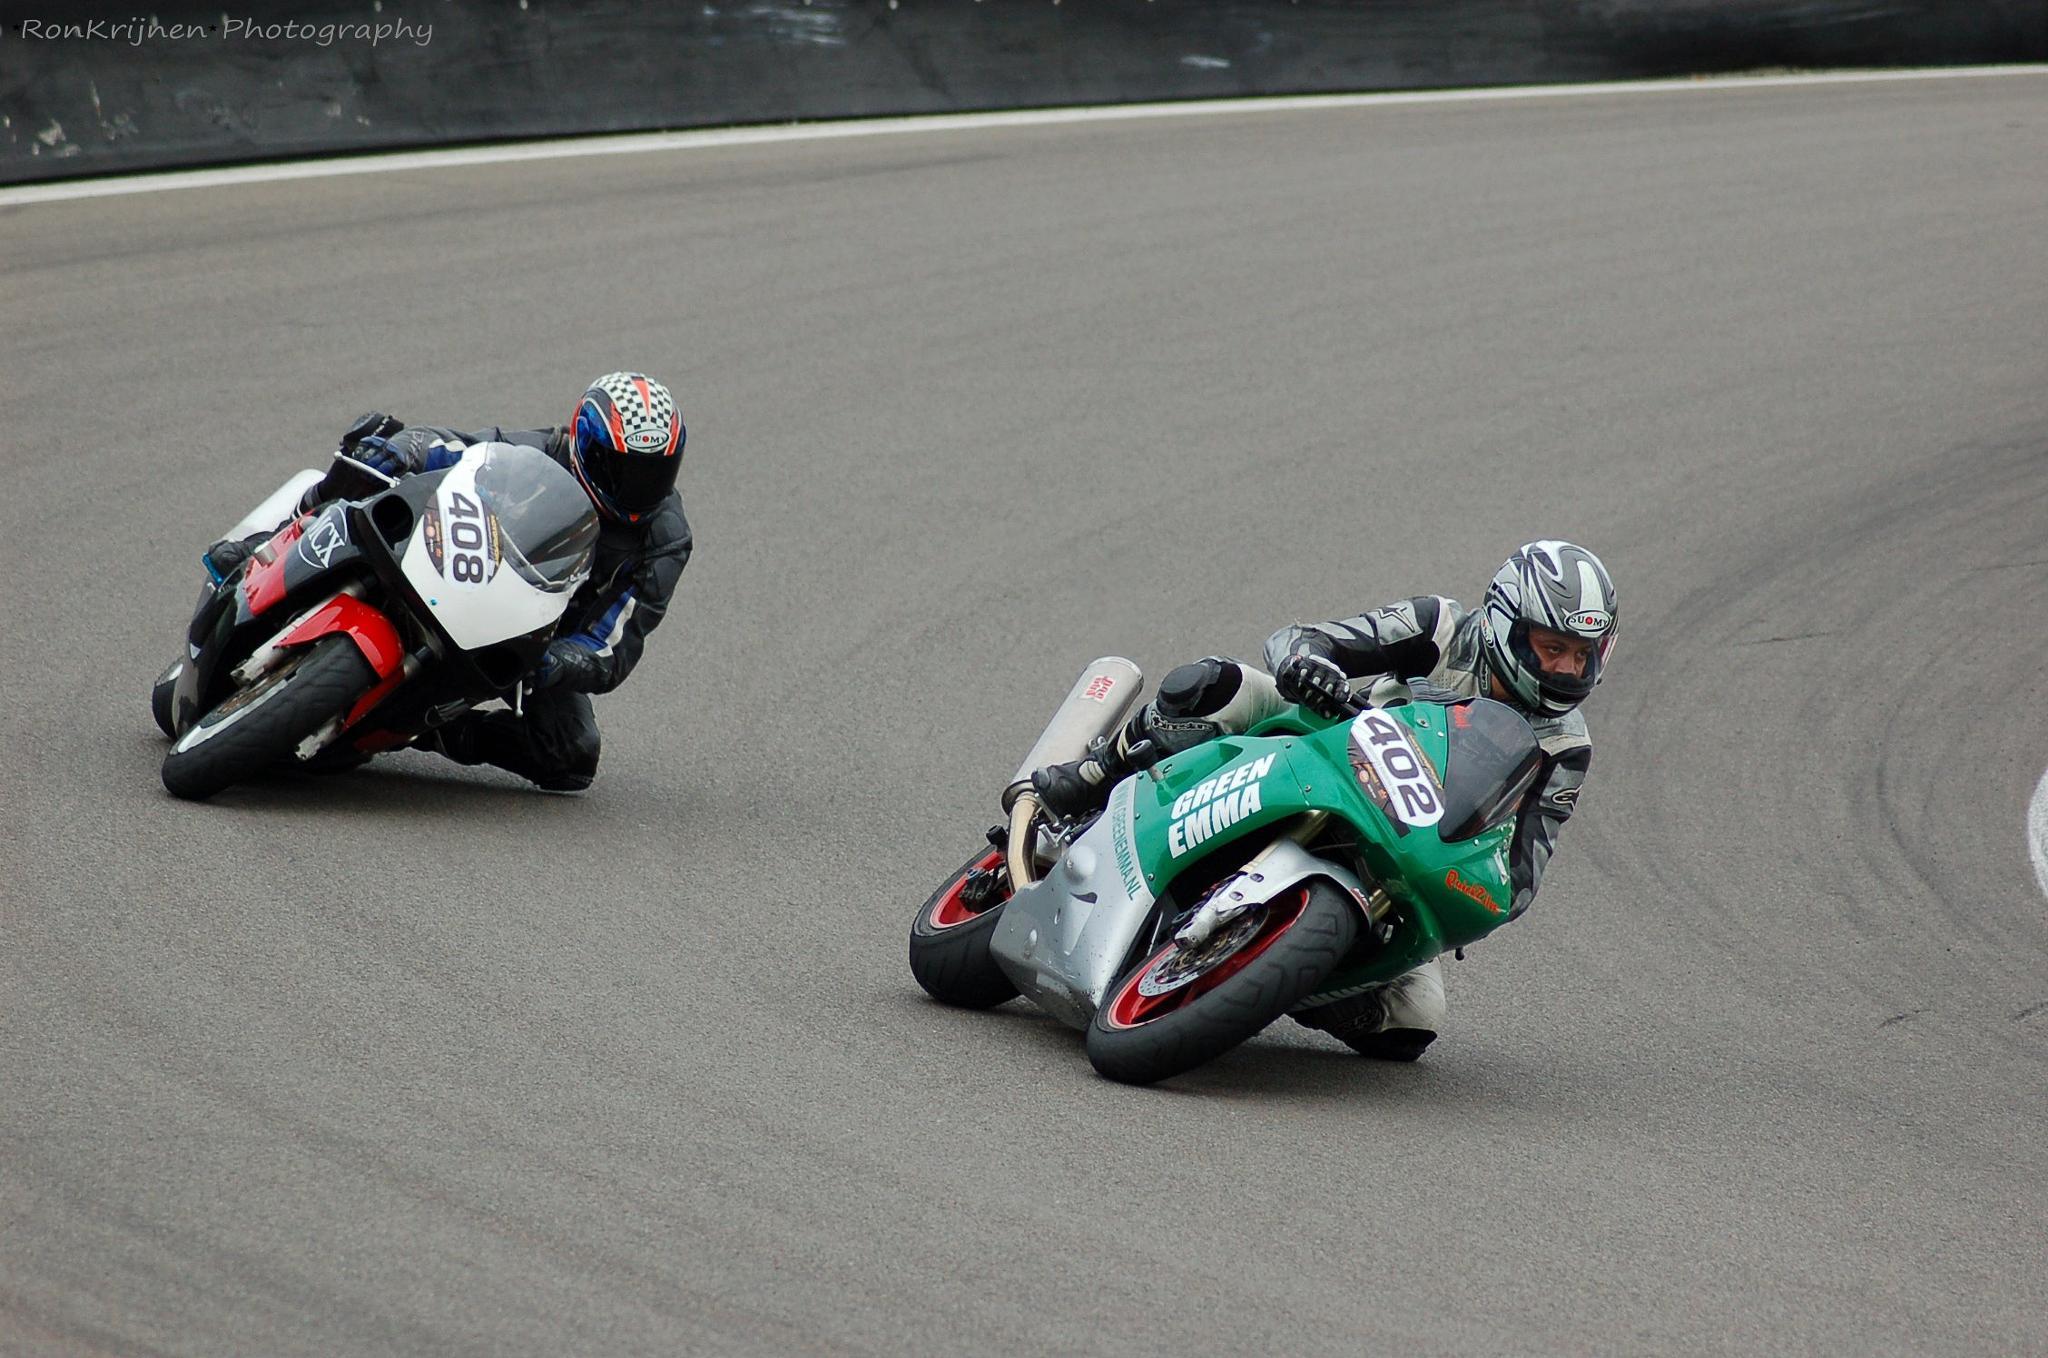 motorsport 28 by ron.krijnen